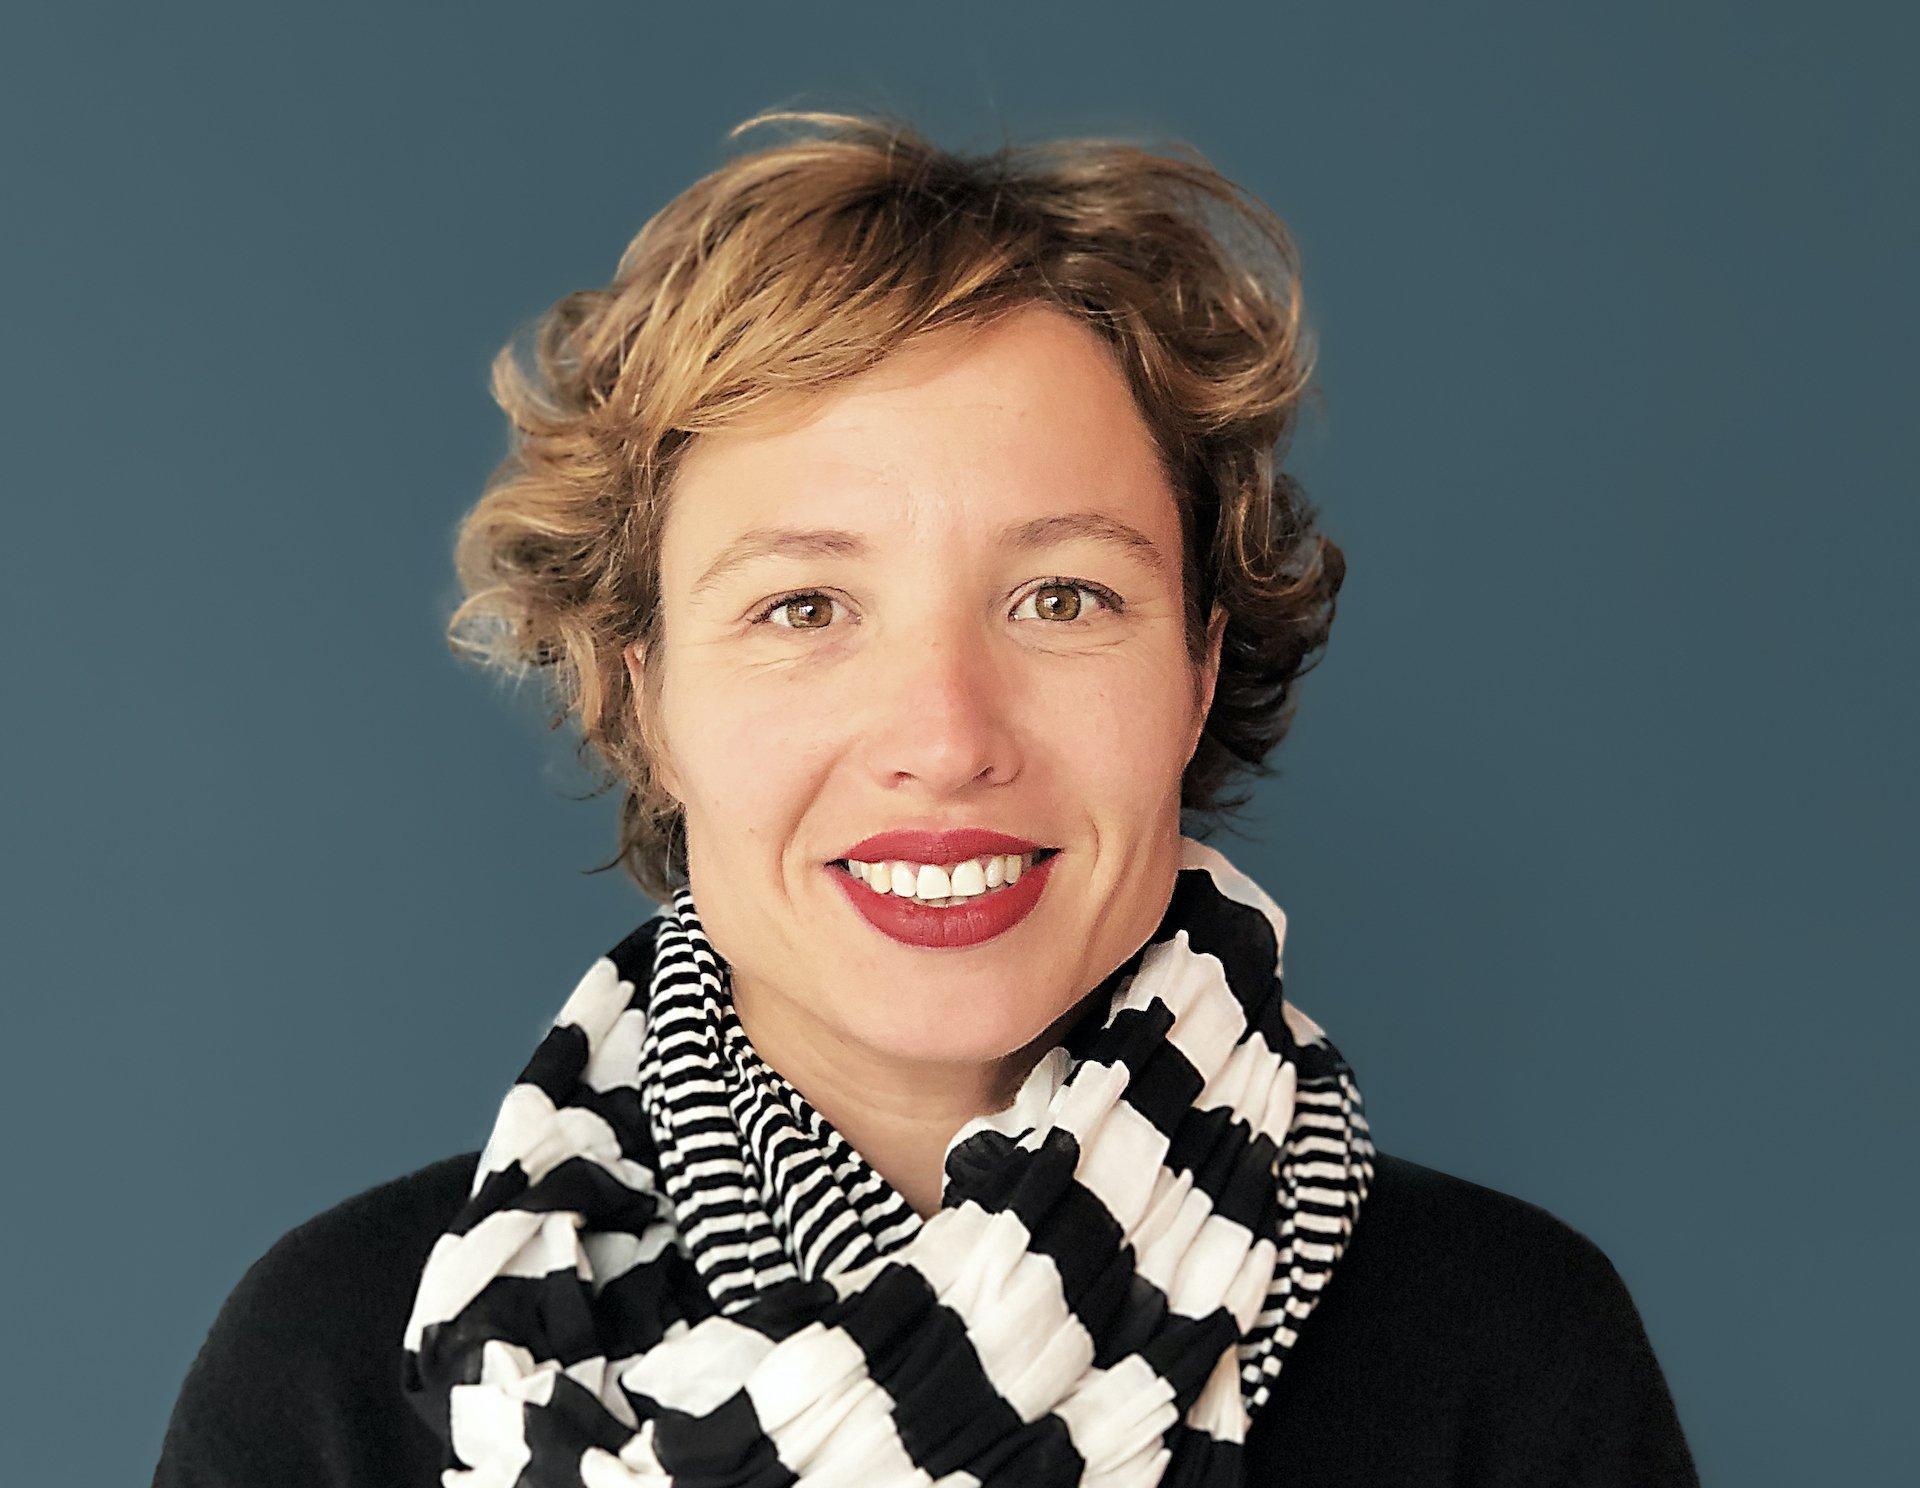 Porträtaufnahme vor dunklem Hintergrund von Lieke Ypma. Sie trägt ihre blonden, lockigen Haare kurz.